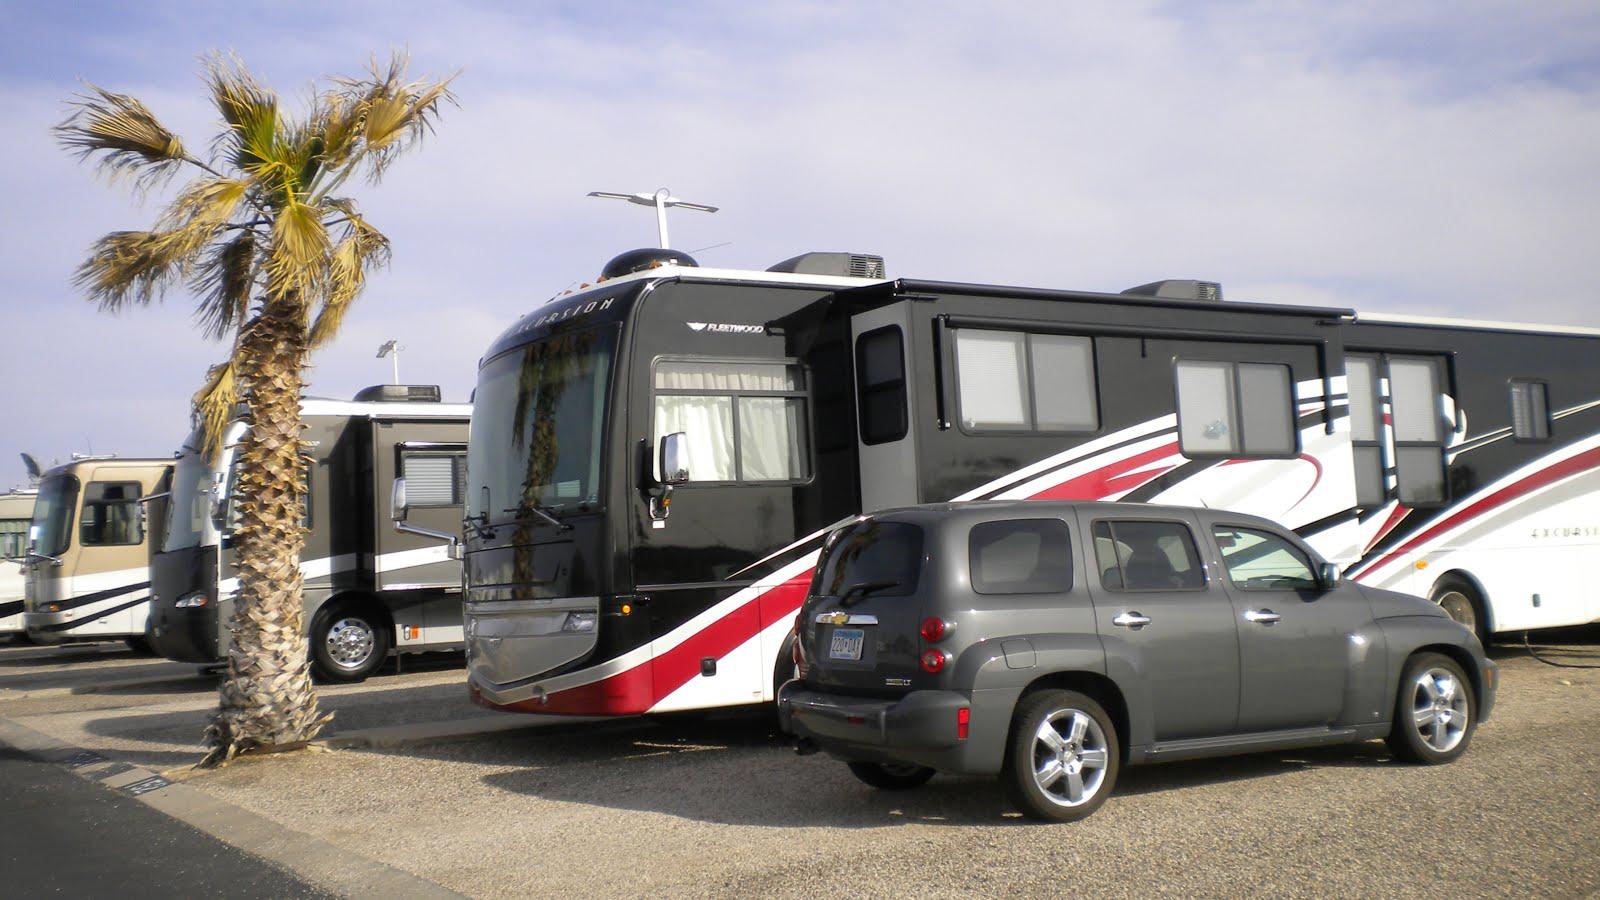 2011 Excursion & HHR Tucson, AZ